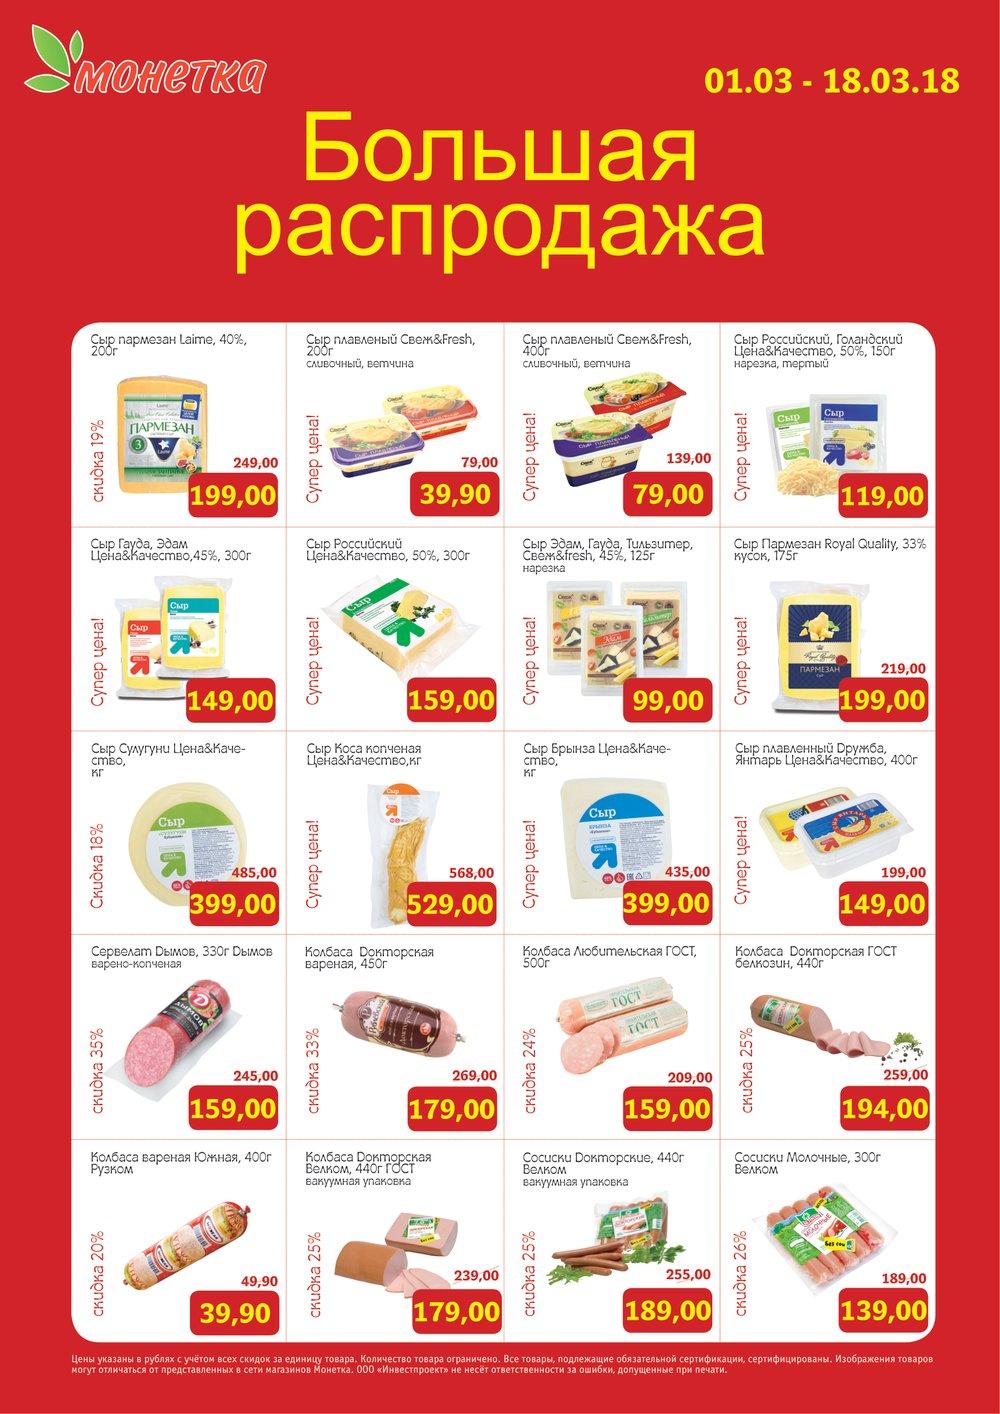 Каталог акций Монетка с 1 по 18 марта 2018 - стр. 1